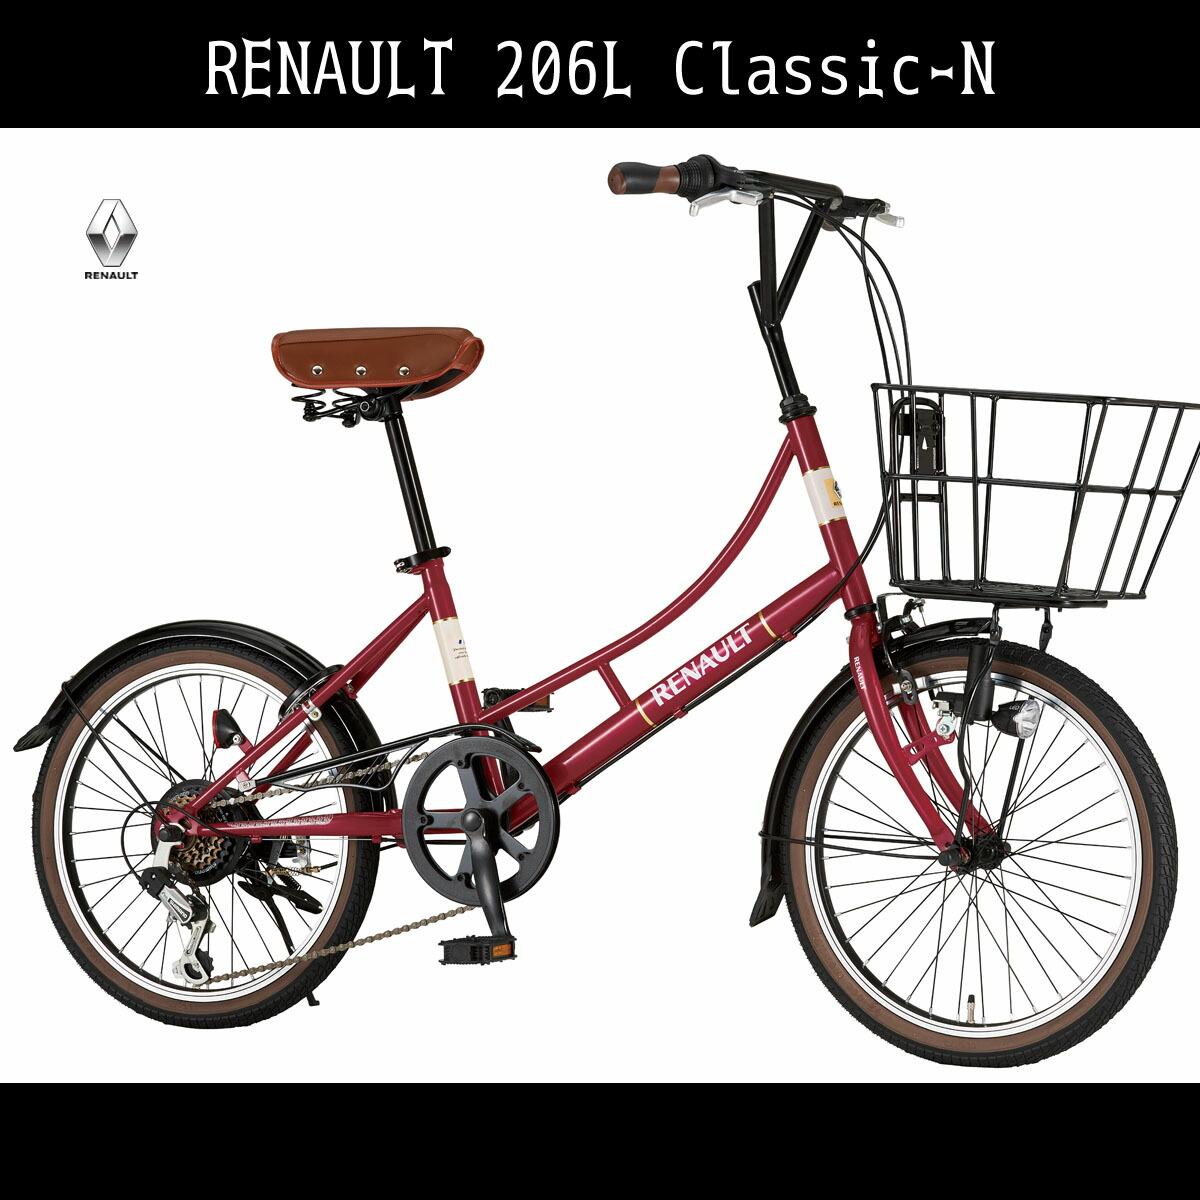 ミニベロ ルノー 自転車 かっこよくクラシックにミニベロで街のりしたい方向け 小径車 レッド/赤 20インチ ルノー ミニベロ 外装6段変速ギア付き LEDライト ローラーブレーキ、鍵付き 206L Classic-N 自転車 RENAULT